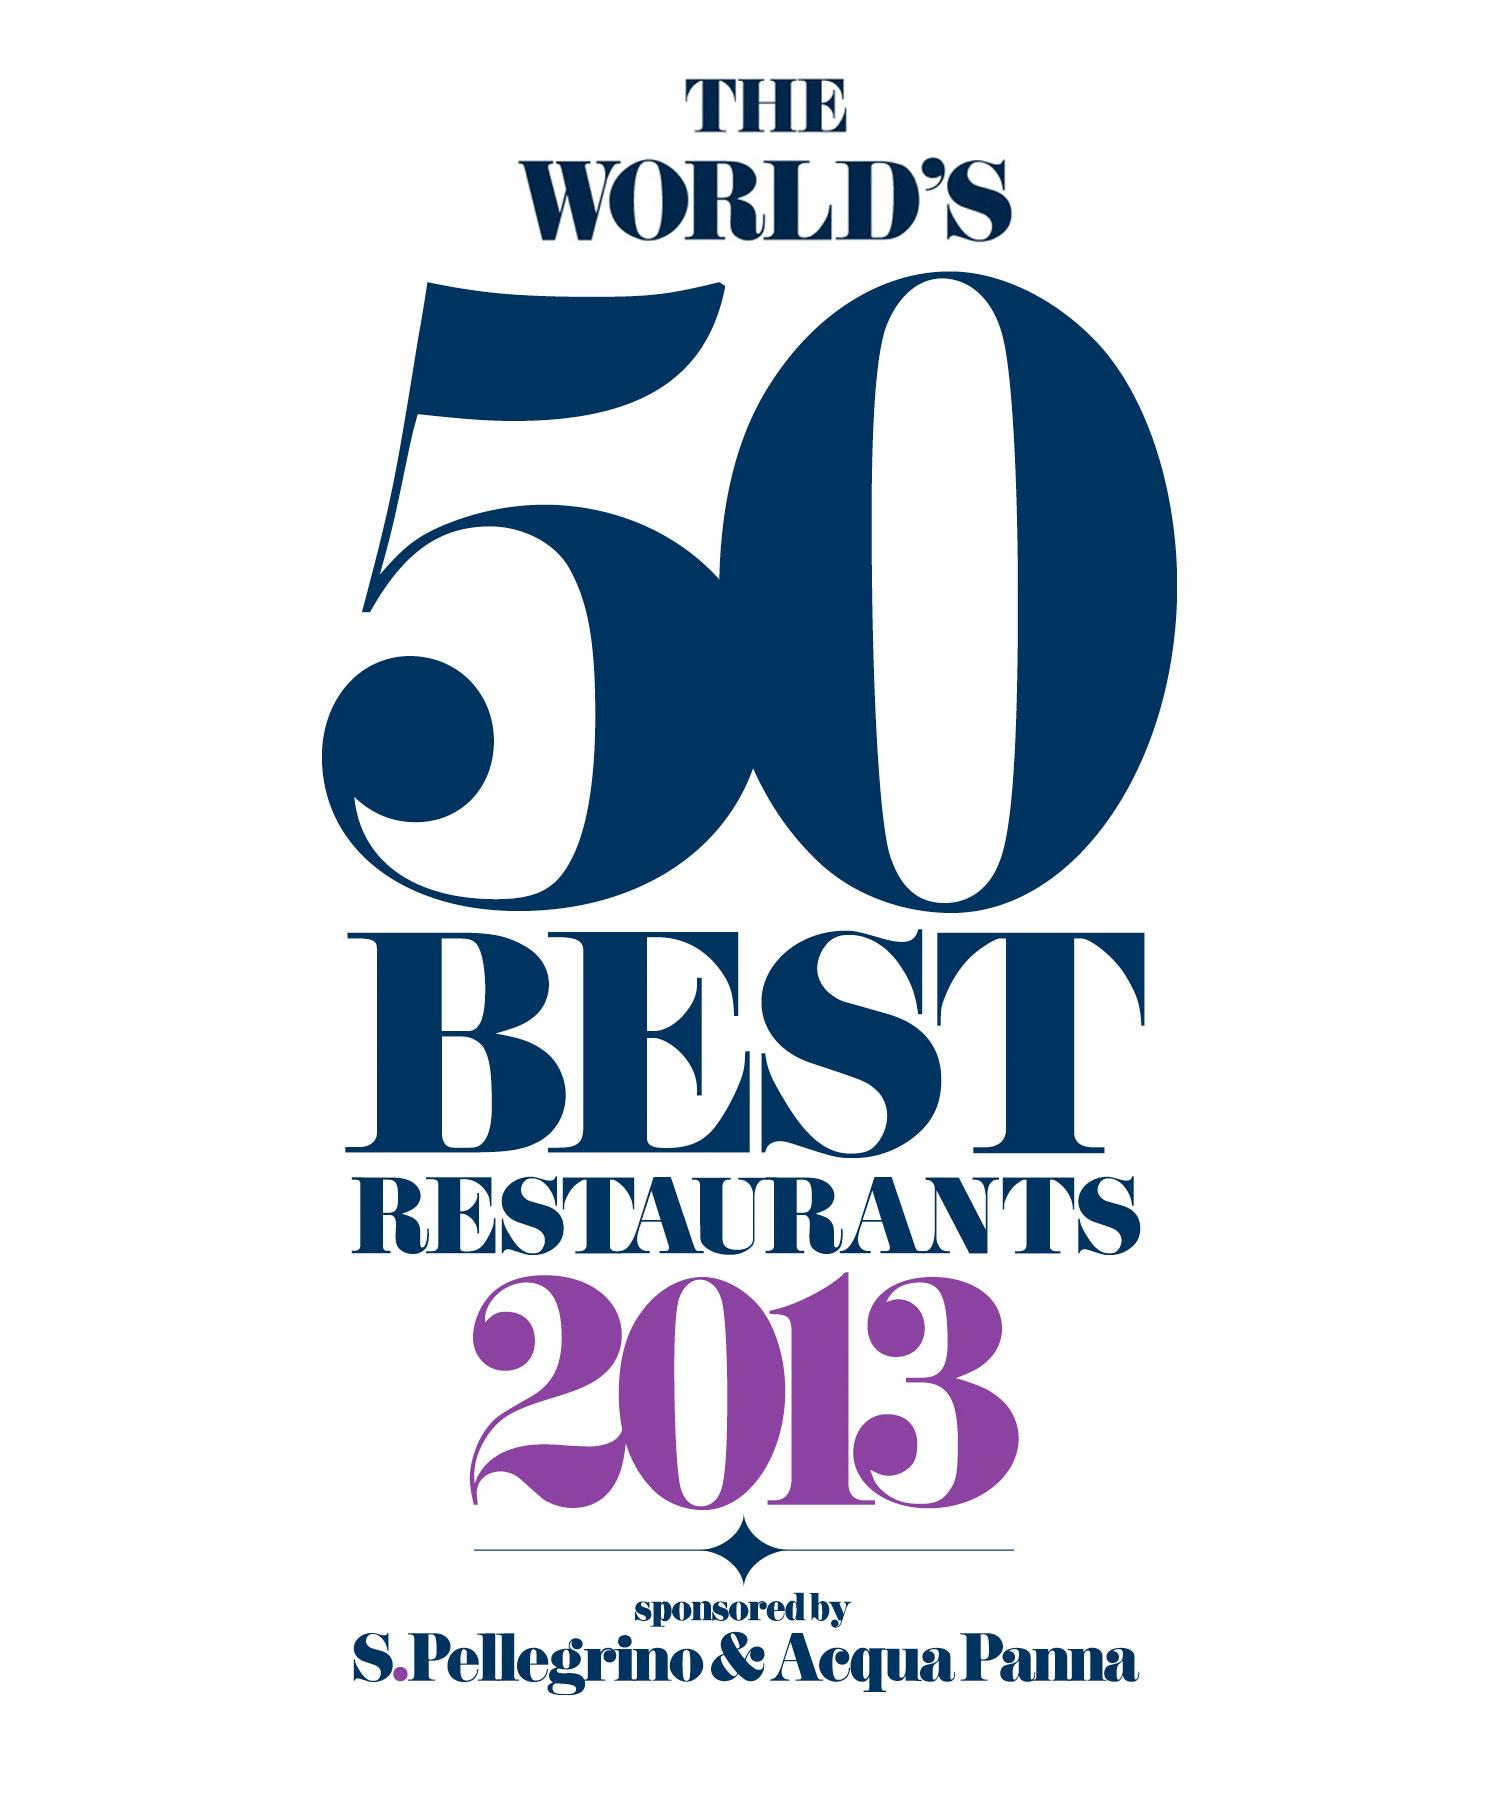 Los 50 mejores restaurantes del mundo. Premios San Pellegrino 2013